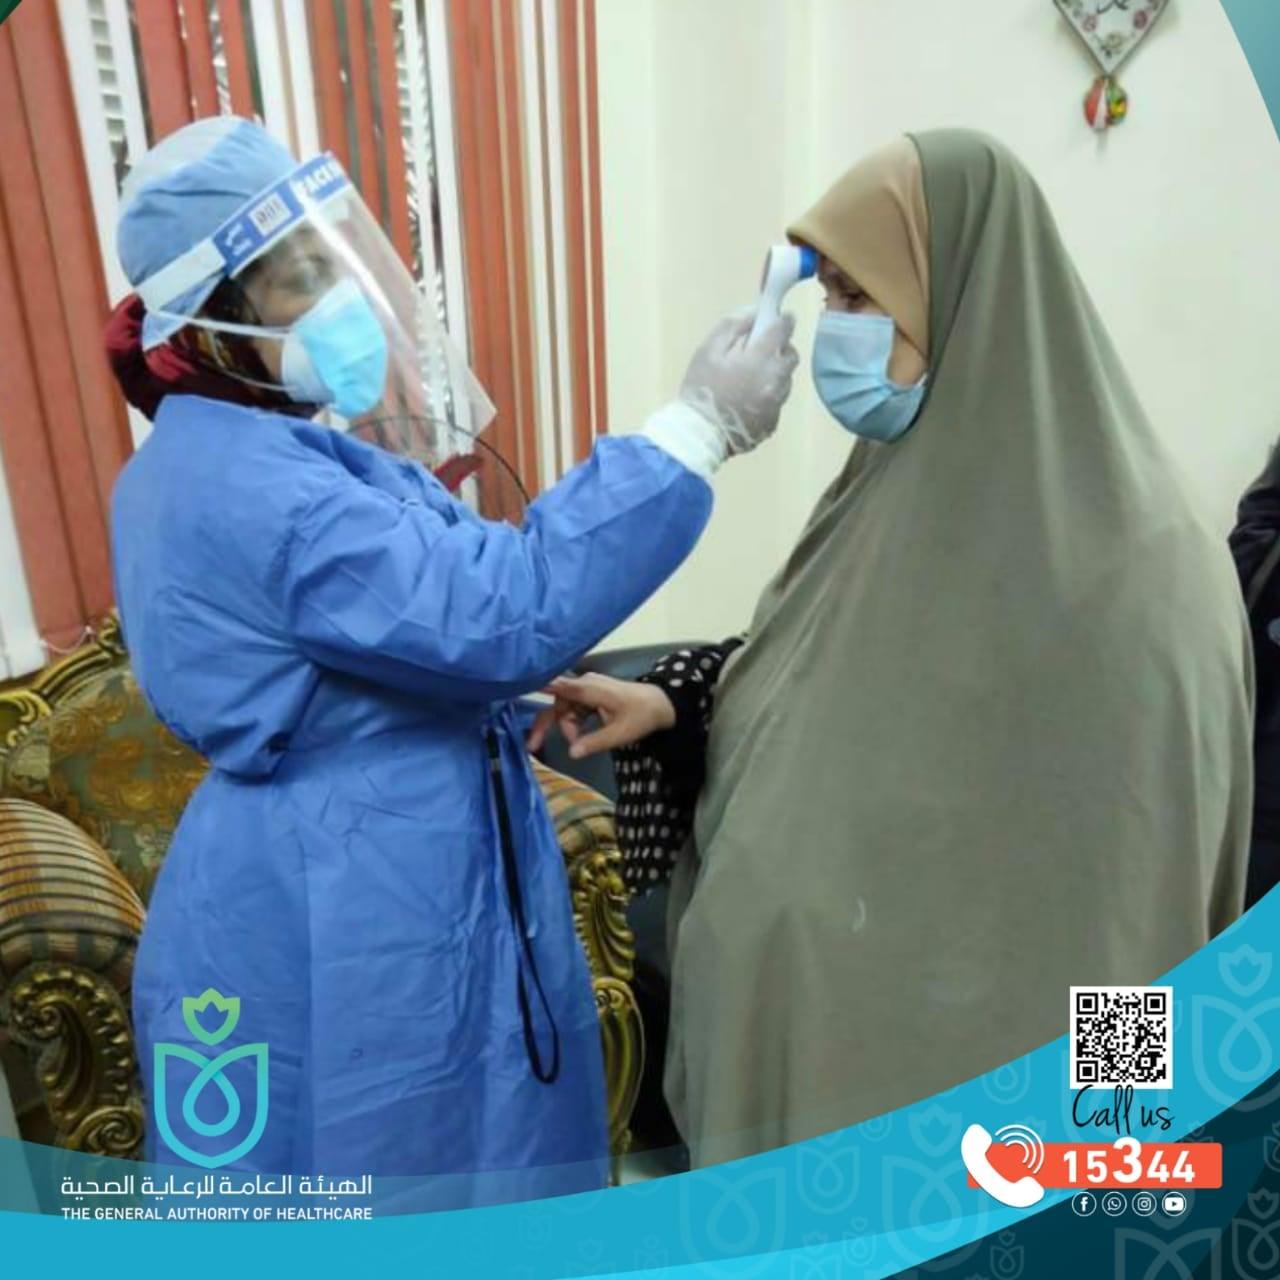 الهيئة العامة للرعاية الصحية تعلن تنفيذ 3600 زيارة منزلية للمعزولين منزليًا ببورسعيد